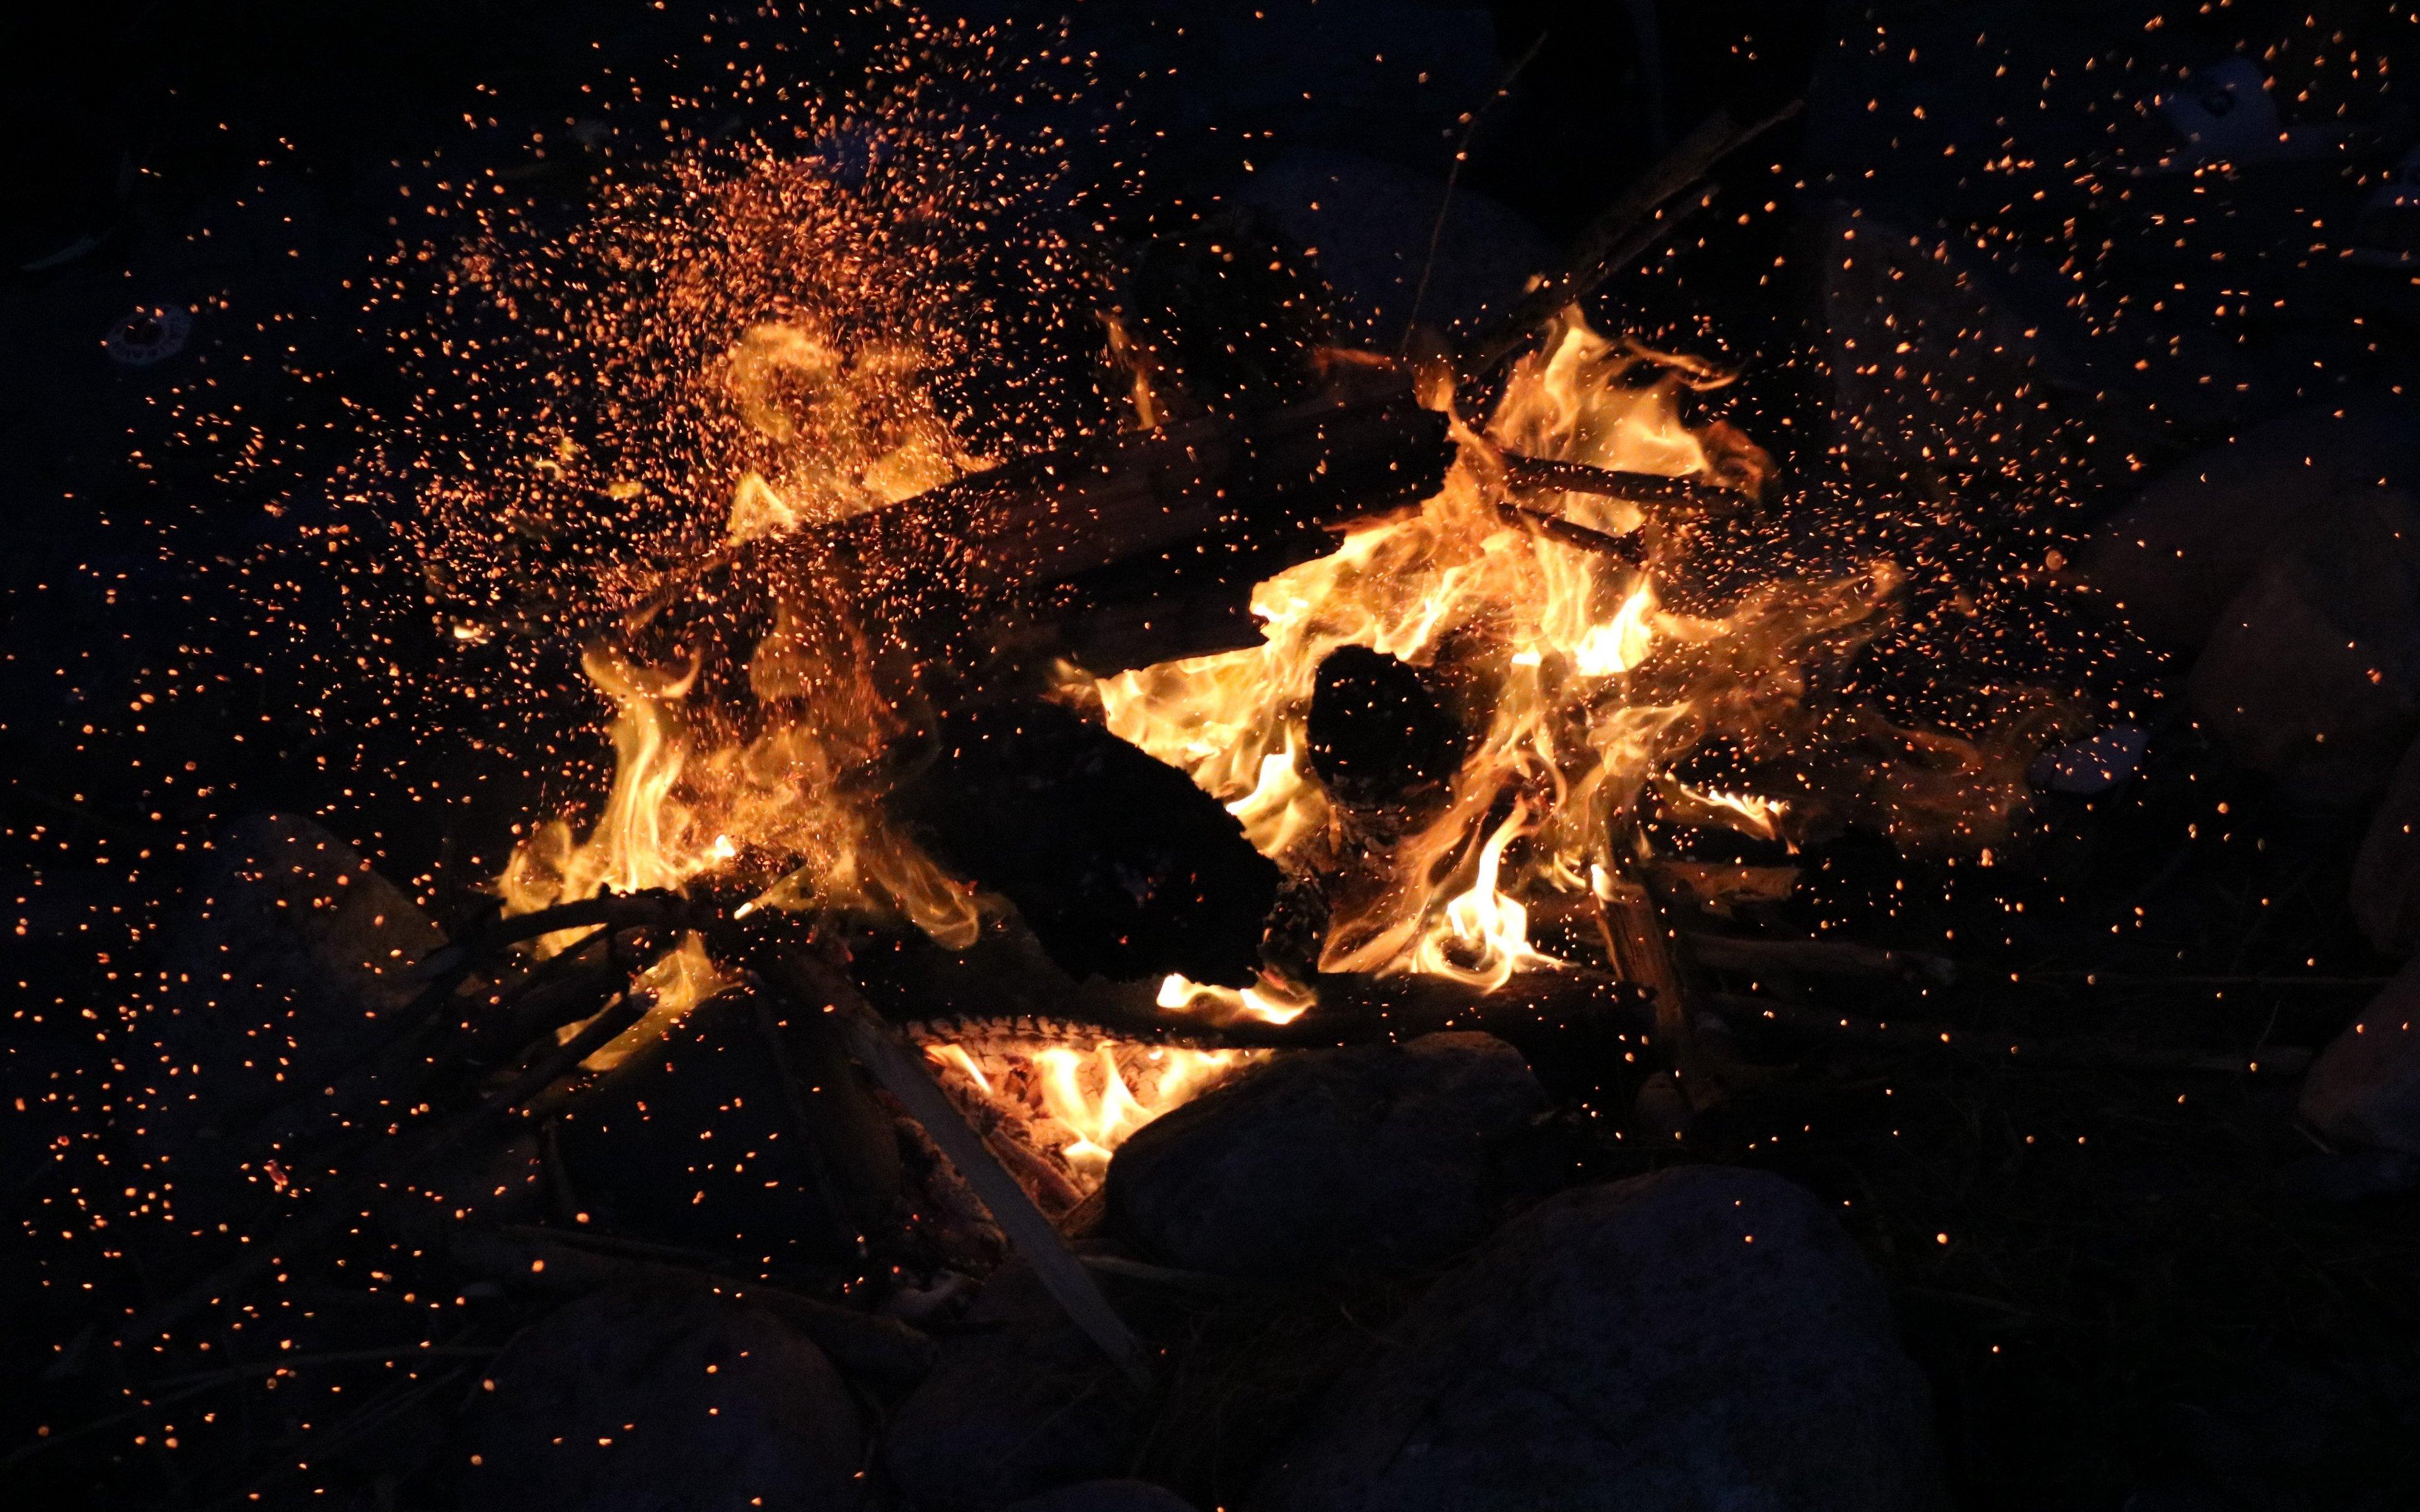 Fondos de pantalla Fuego en una fogata